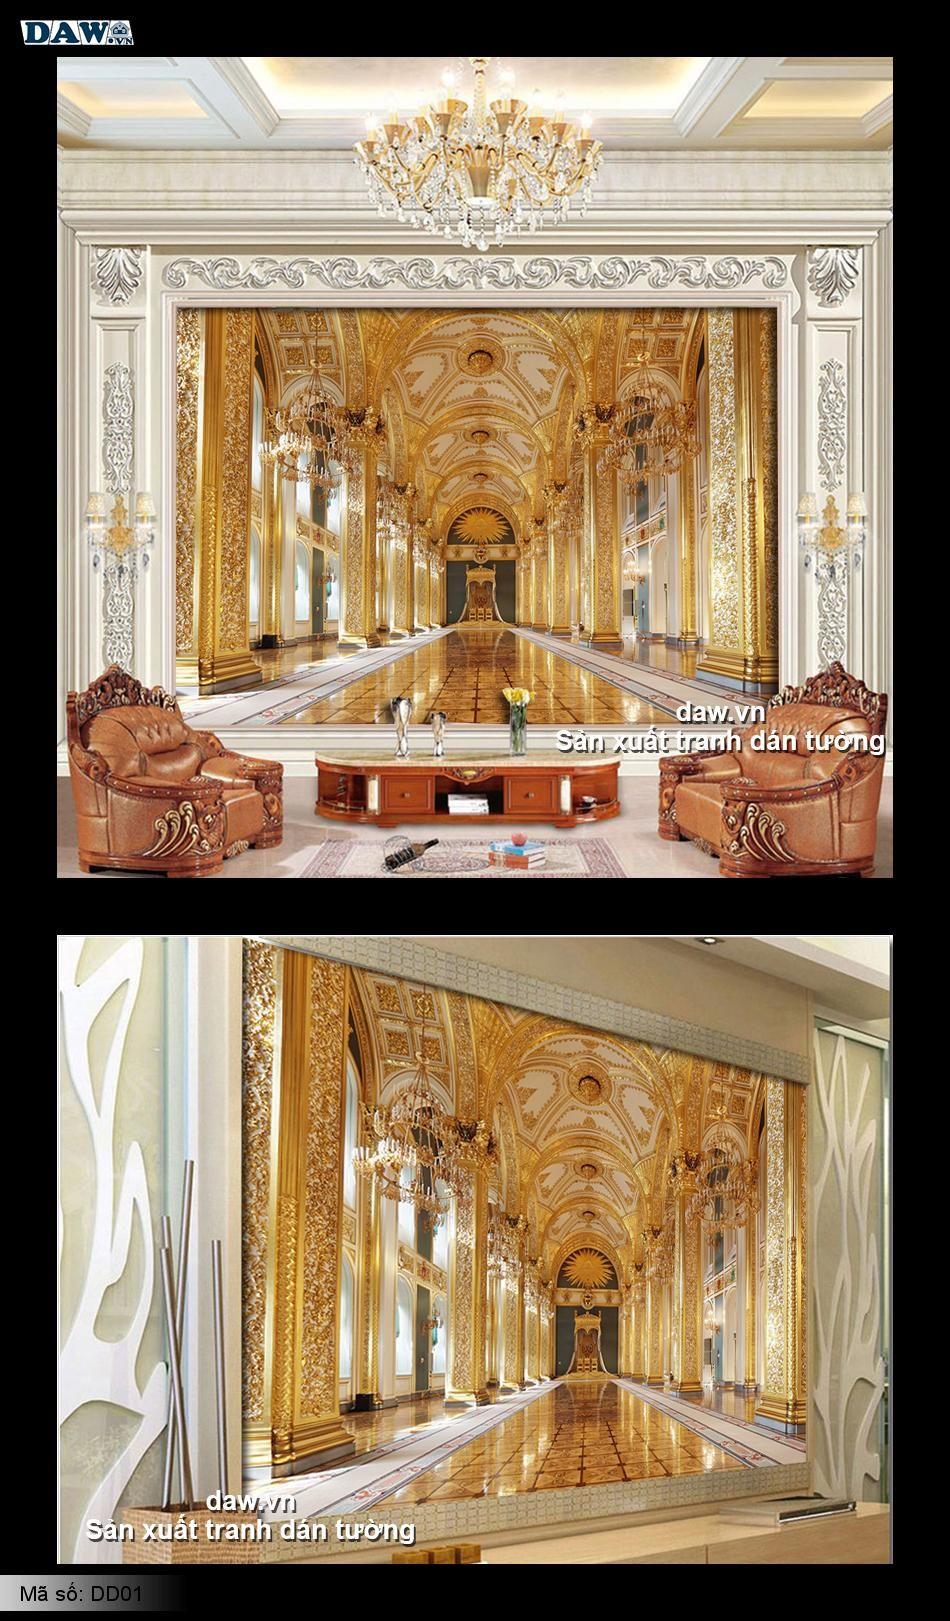 Nội thất đẹp, tranh dán tường nội thất, nội thất hoàng gia, nội thất cung điện, tranh nội thất sang trọng DD01